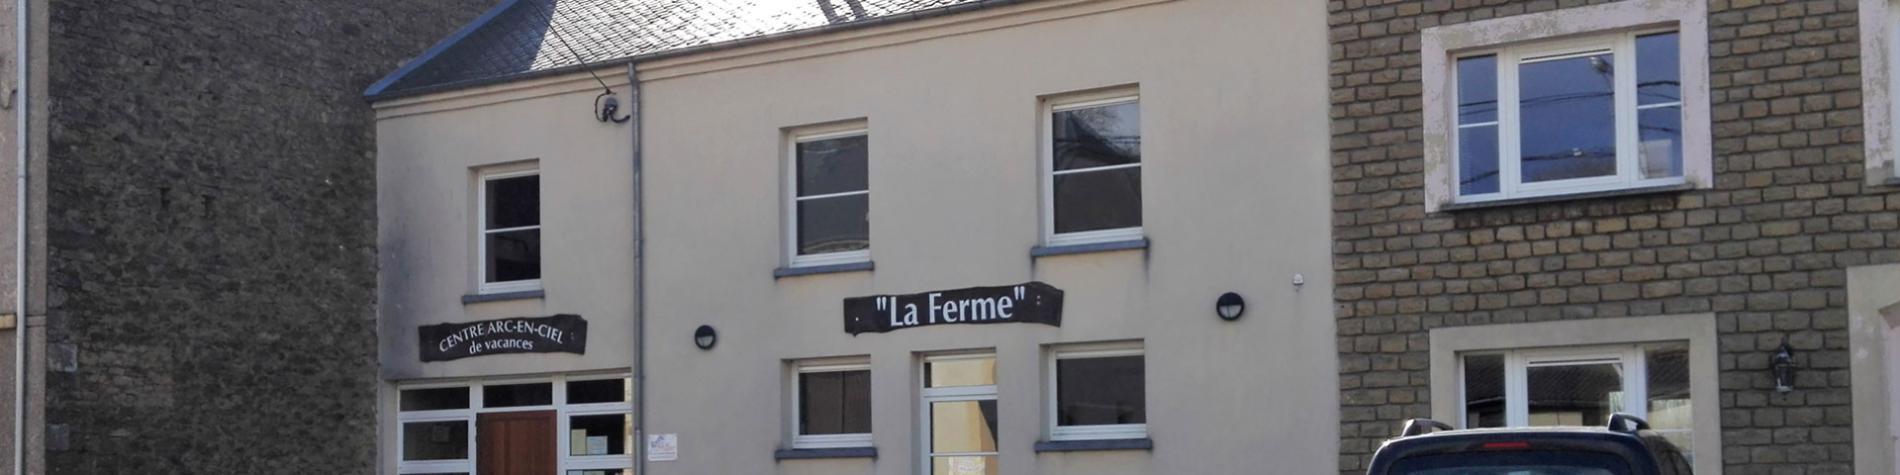 Gîte d'Étape - KALEO - Latour - Hébergement - séjours - activités